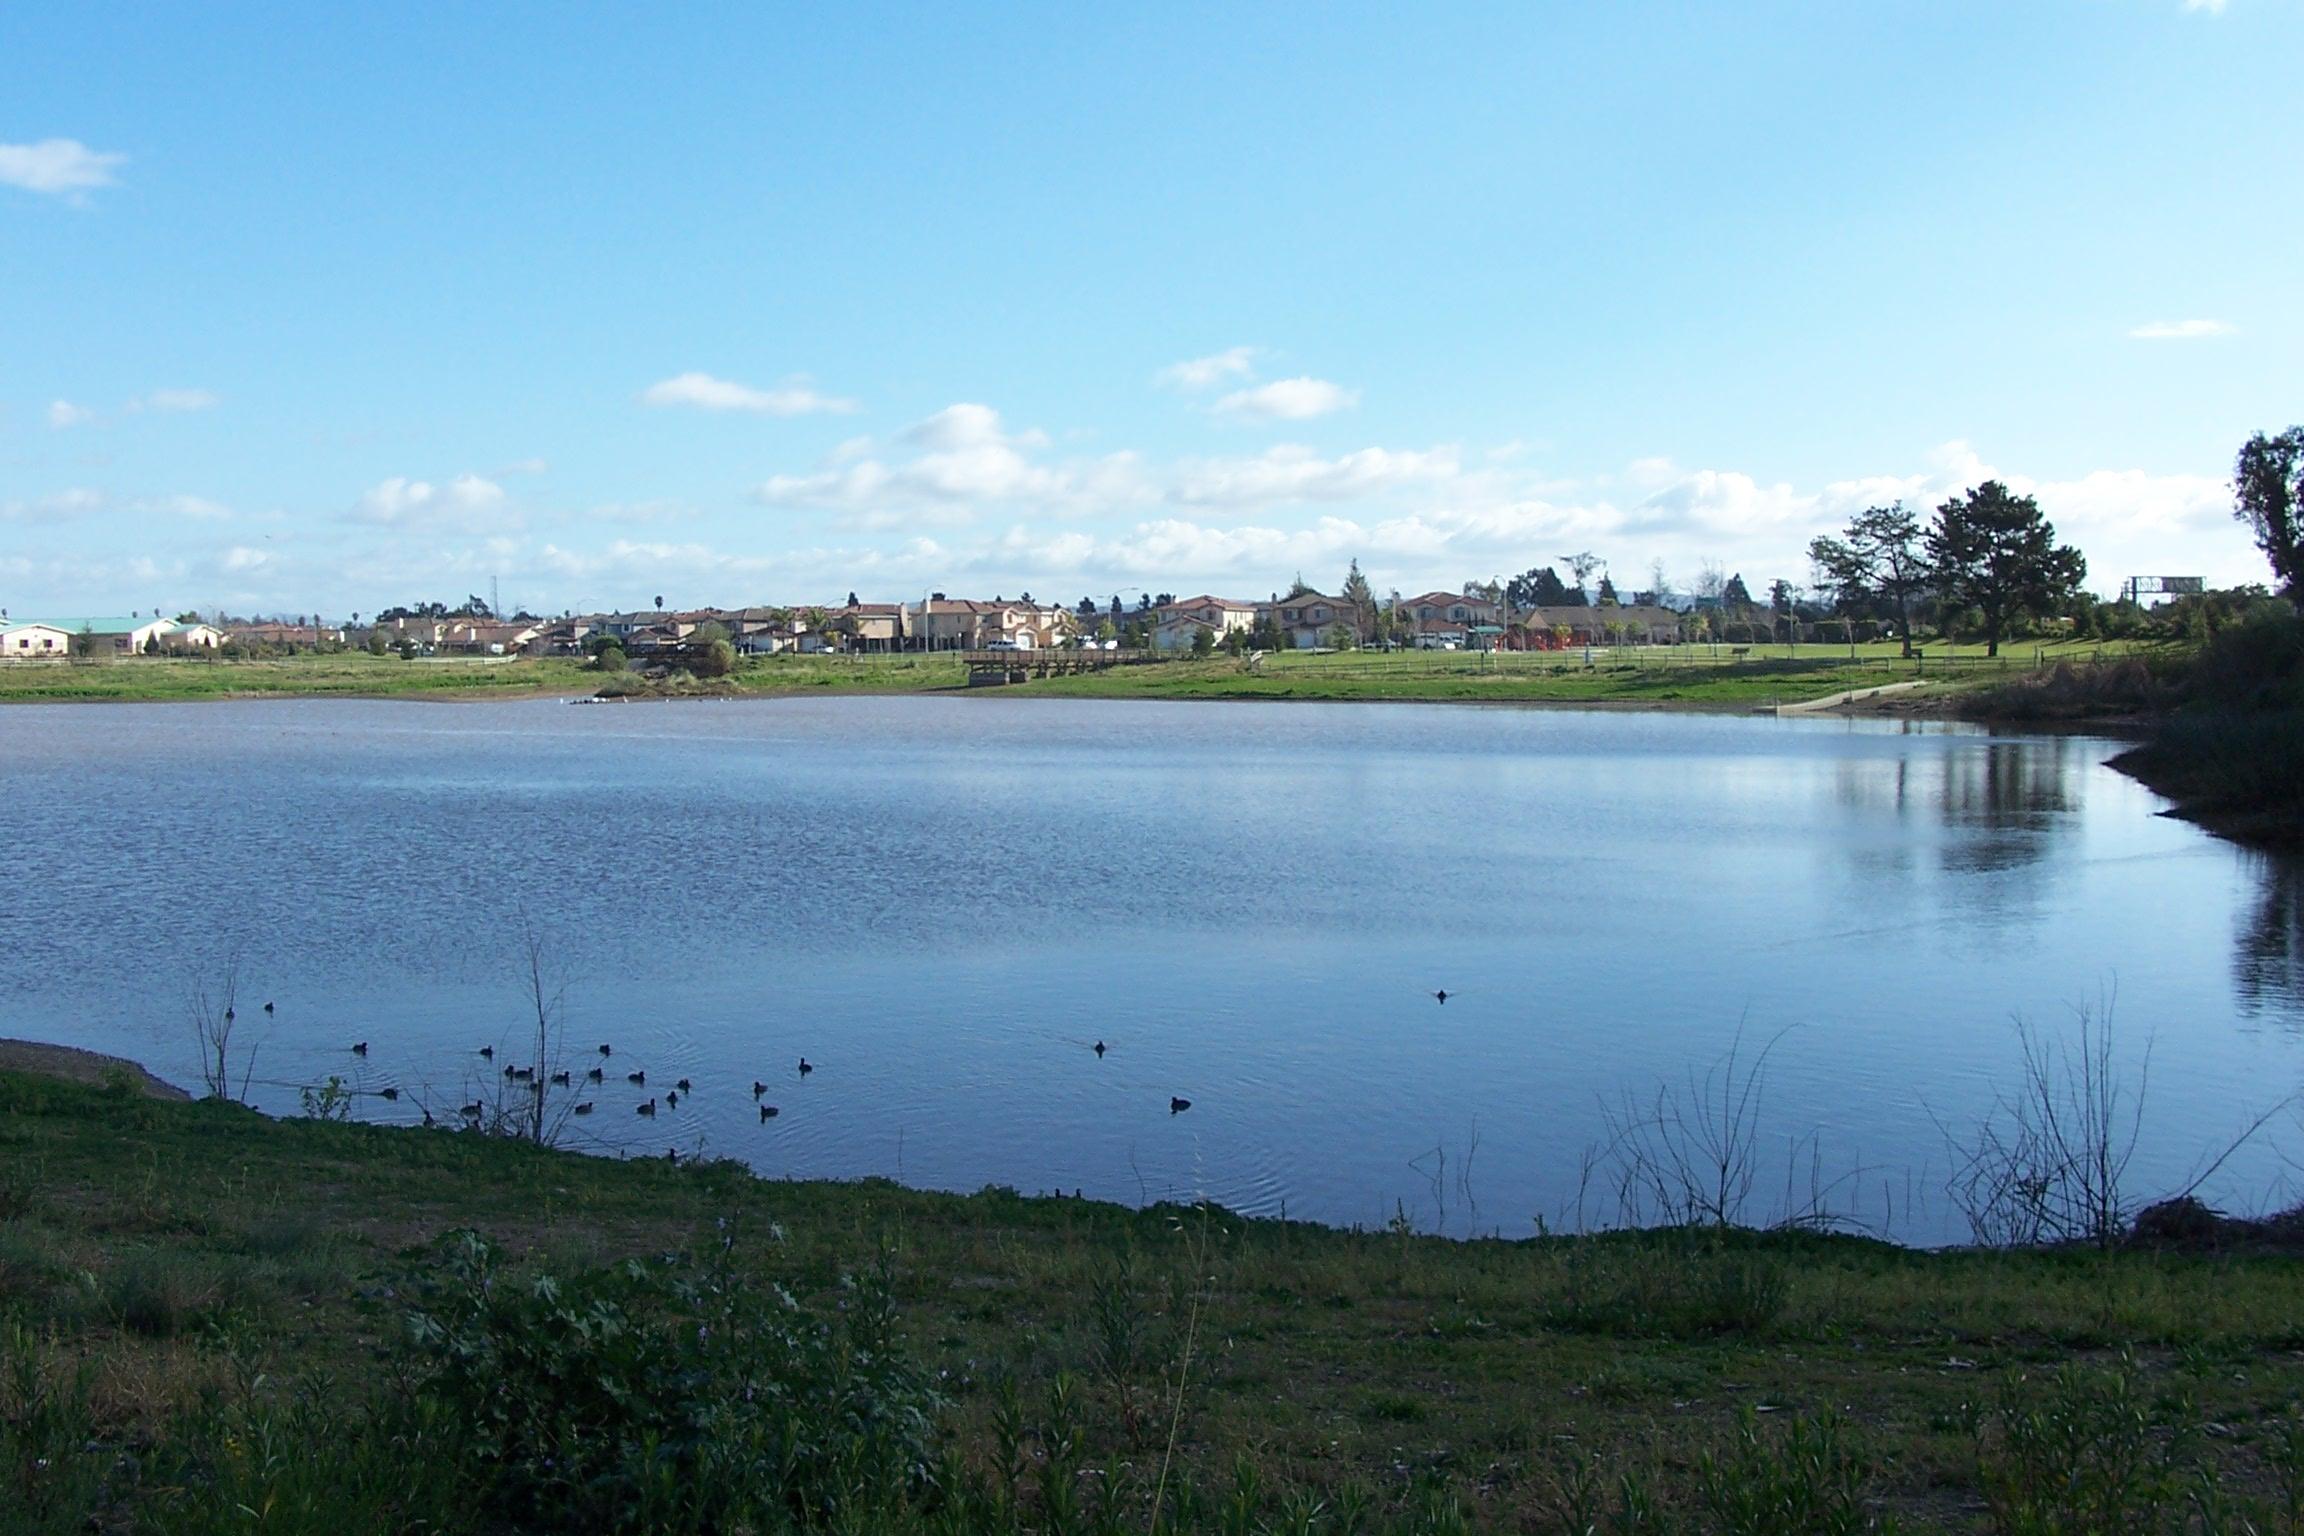 Lake at River Oaks